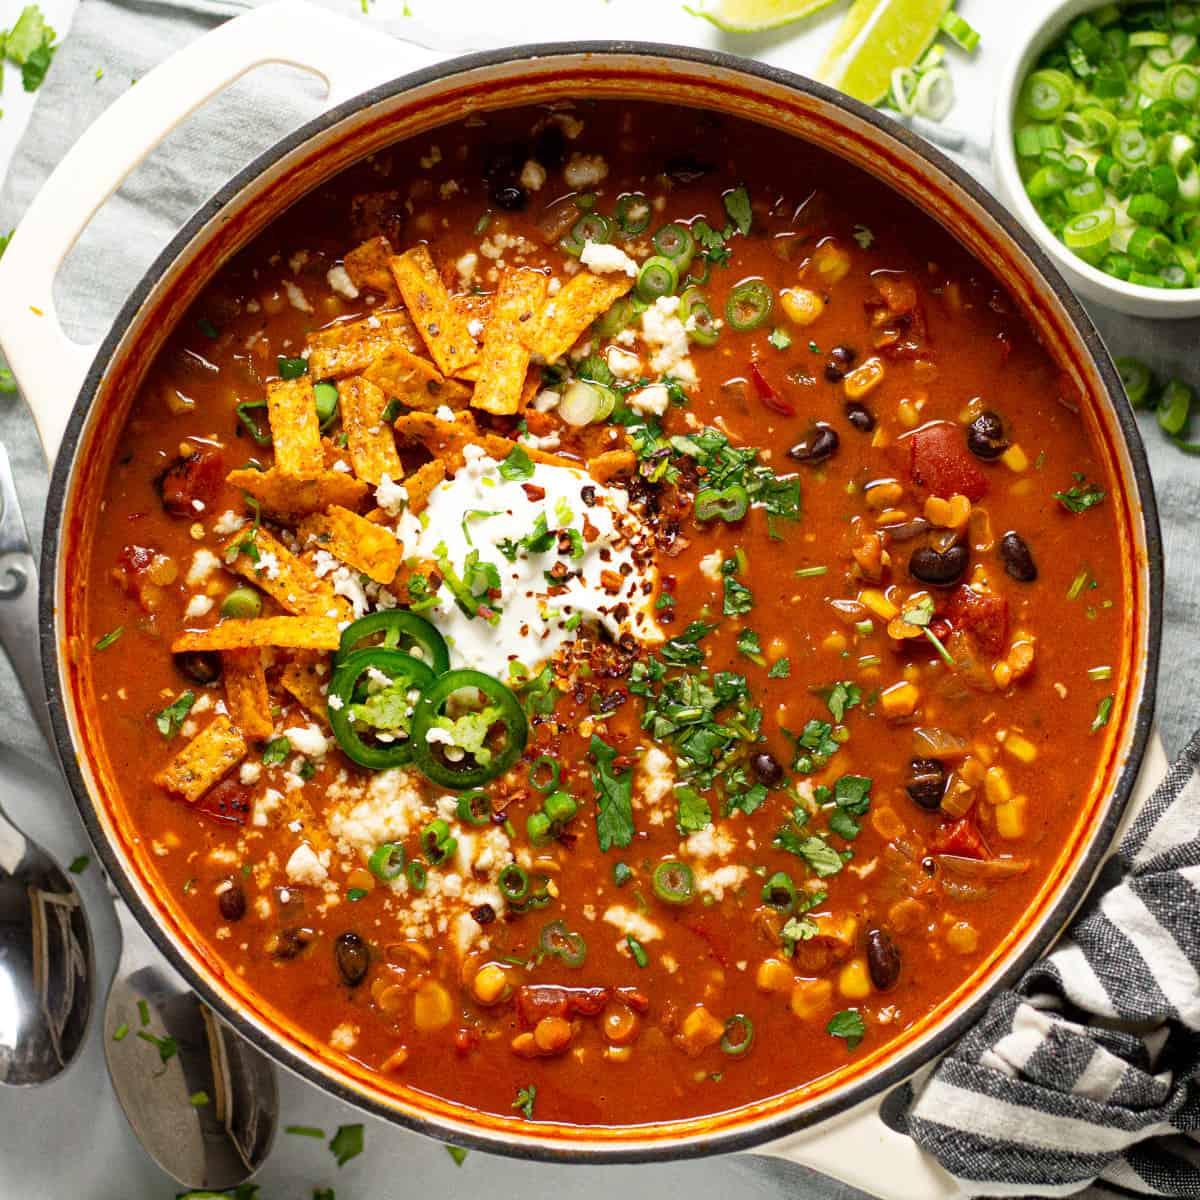 supă de legume gătită la cuptor, acoperită cu 2 lingurițe de parmezan mărunțit